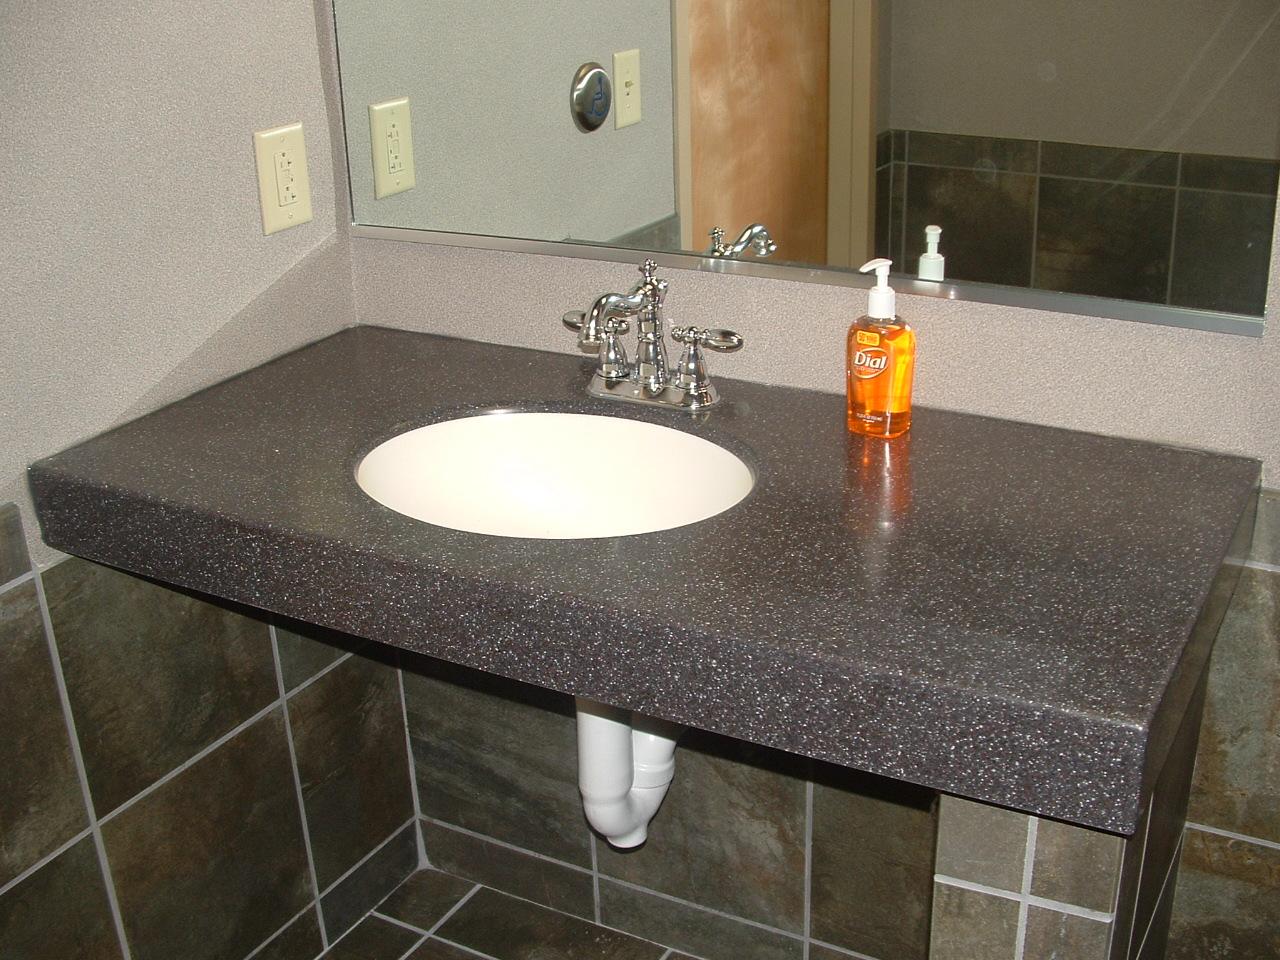 洗脸台_人造石洗手盆台面图片,洗手盆台面,洗手盆柜_大山谷图库